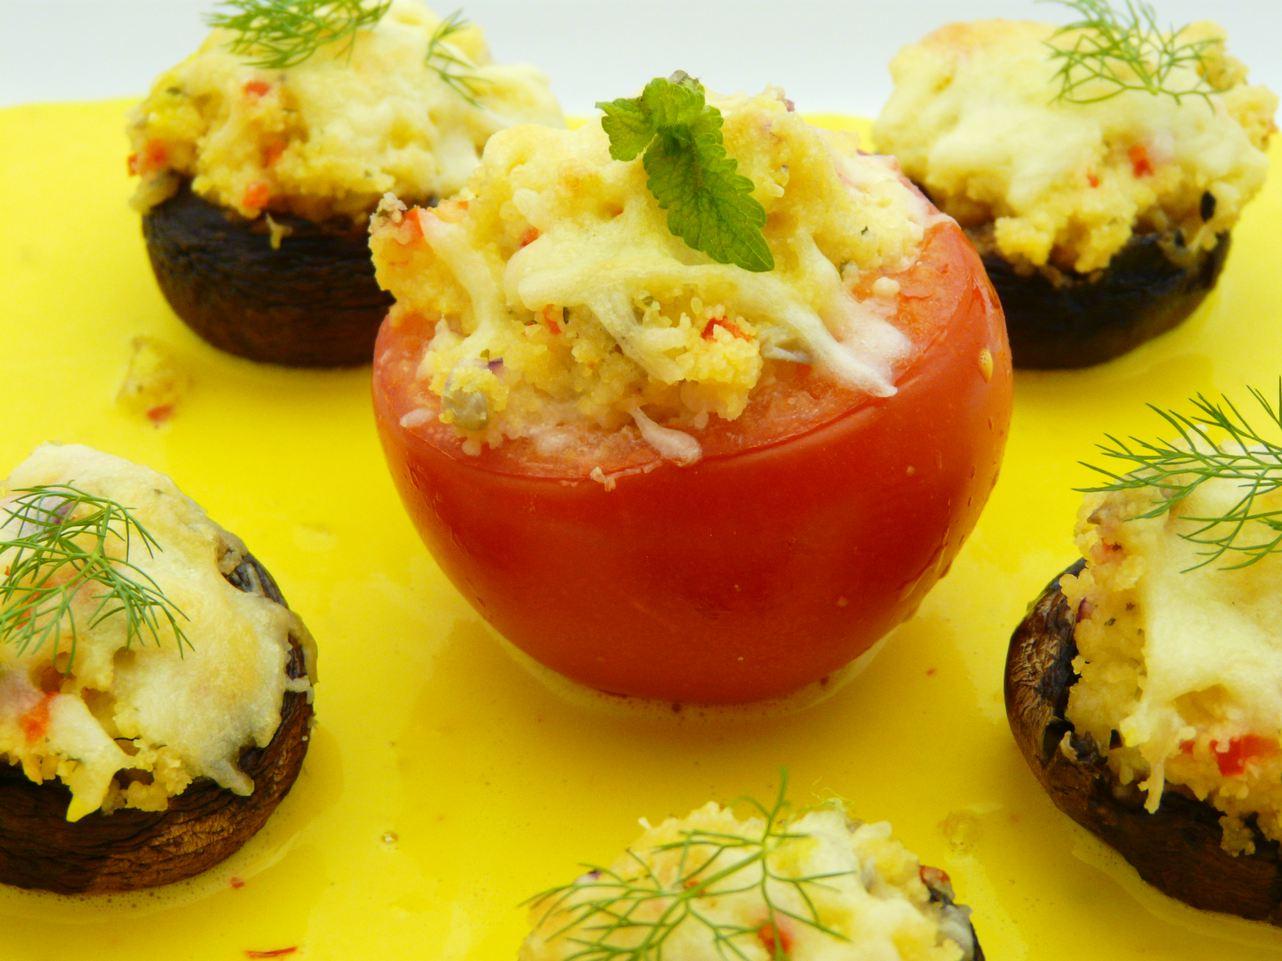 goldgelbe Safransauce mit gefüllten Tomaten und Pilzköpfen